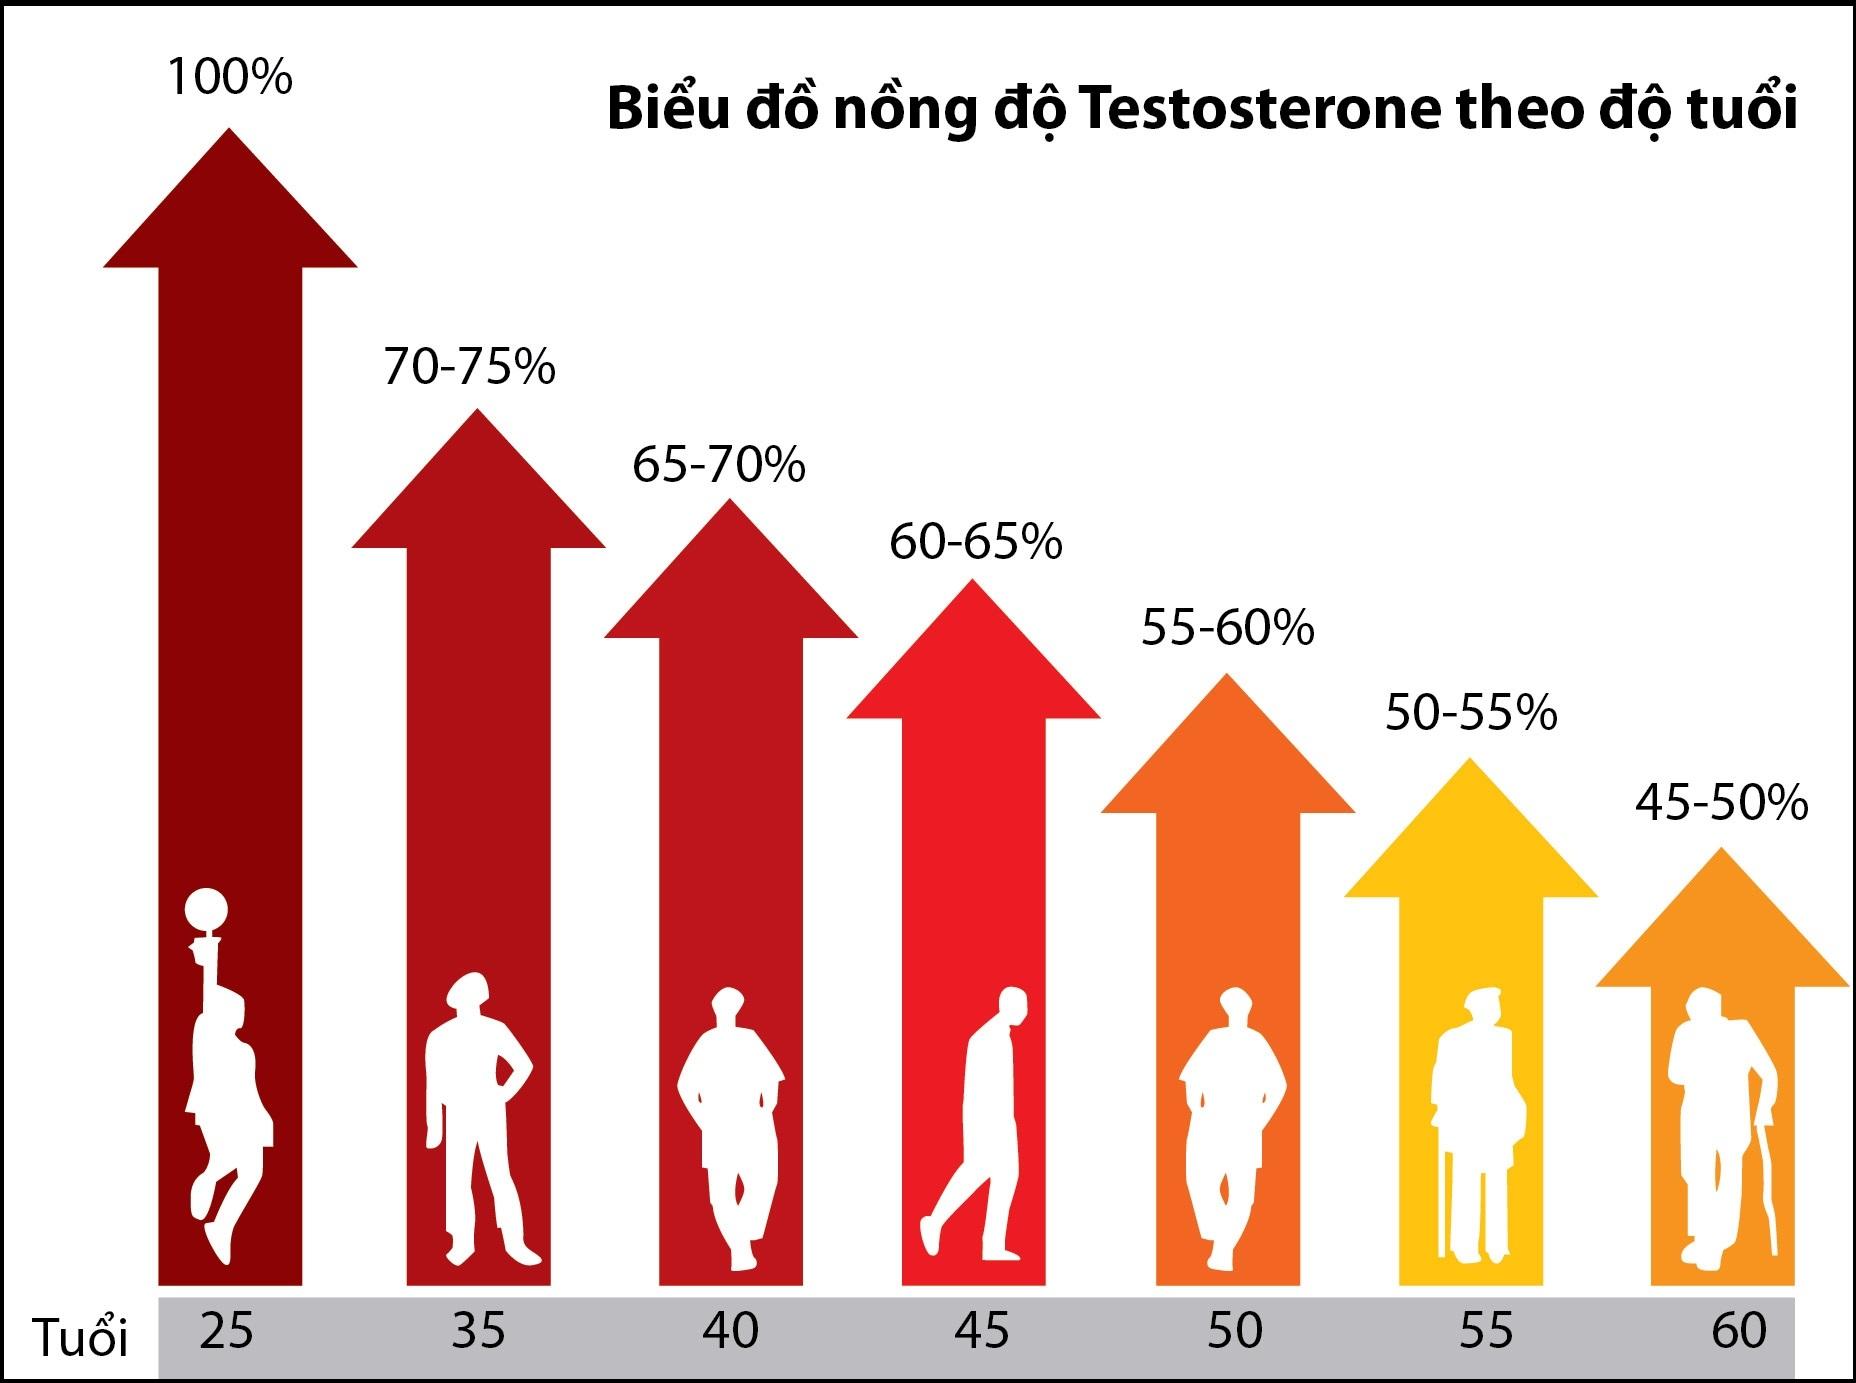 Theo thời gian, nồng độ testosterone dần suy giảm, đặc biệt từ tuổi 40 trở đi sẽ có sự sụt giảm nhanh chóng